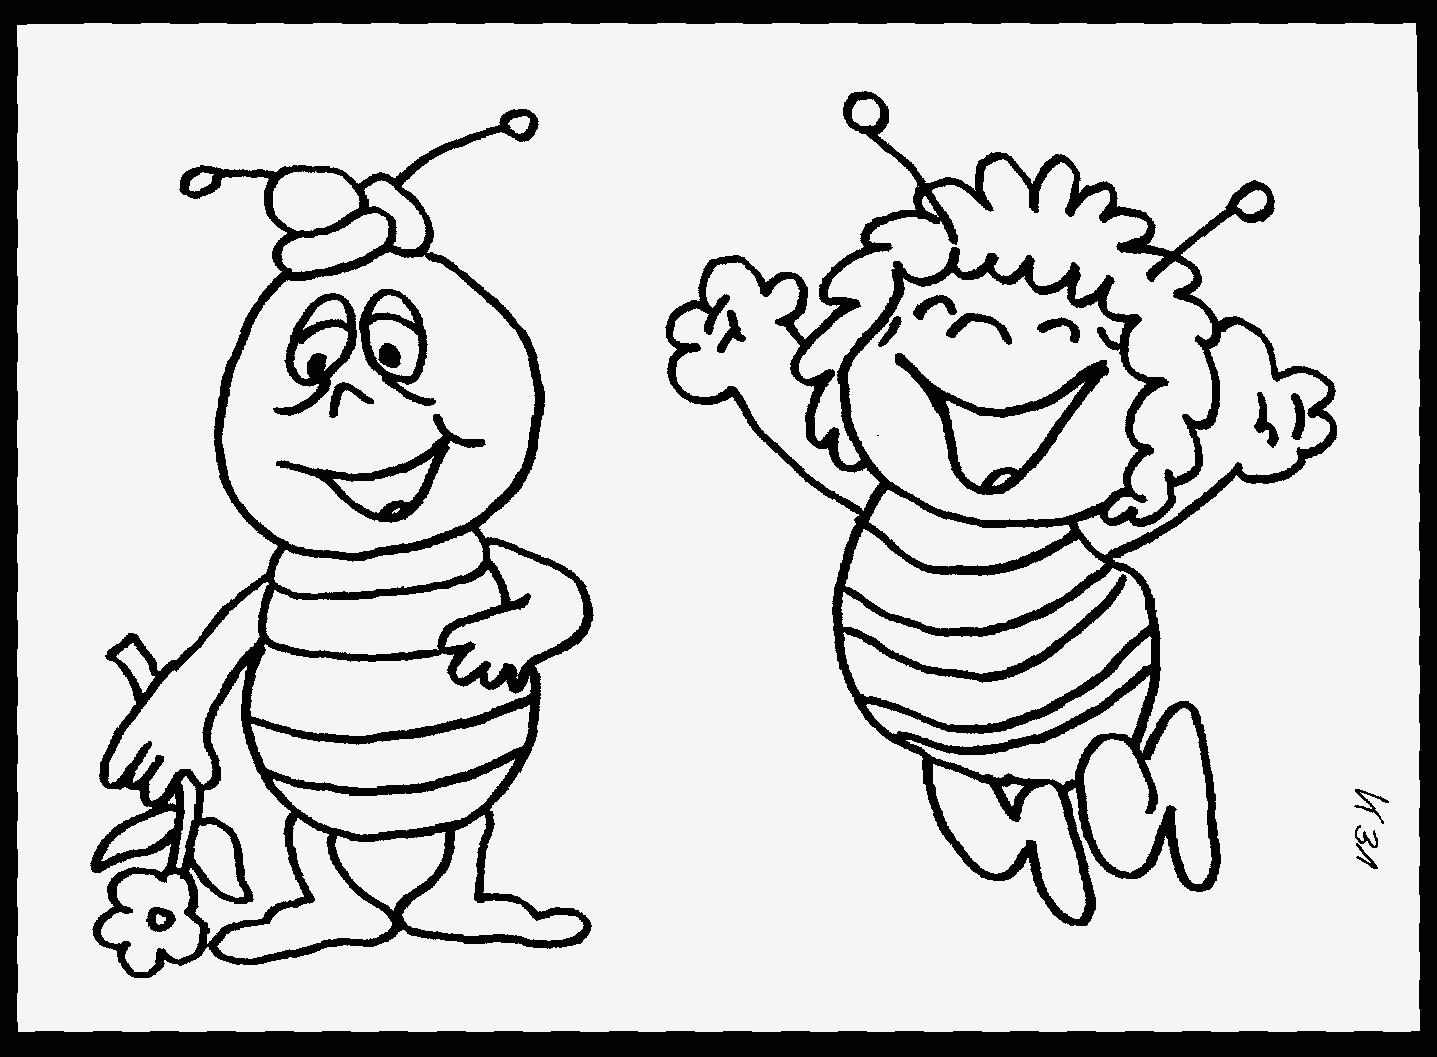 Manuel Neuer Ausmalbilder Frisch Beispielbilder Färben Ausmalbilder Biene Maja Sammlung